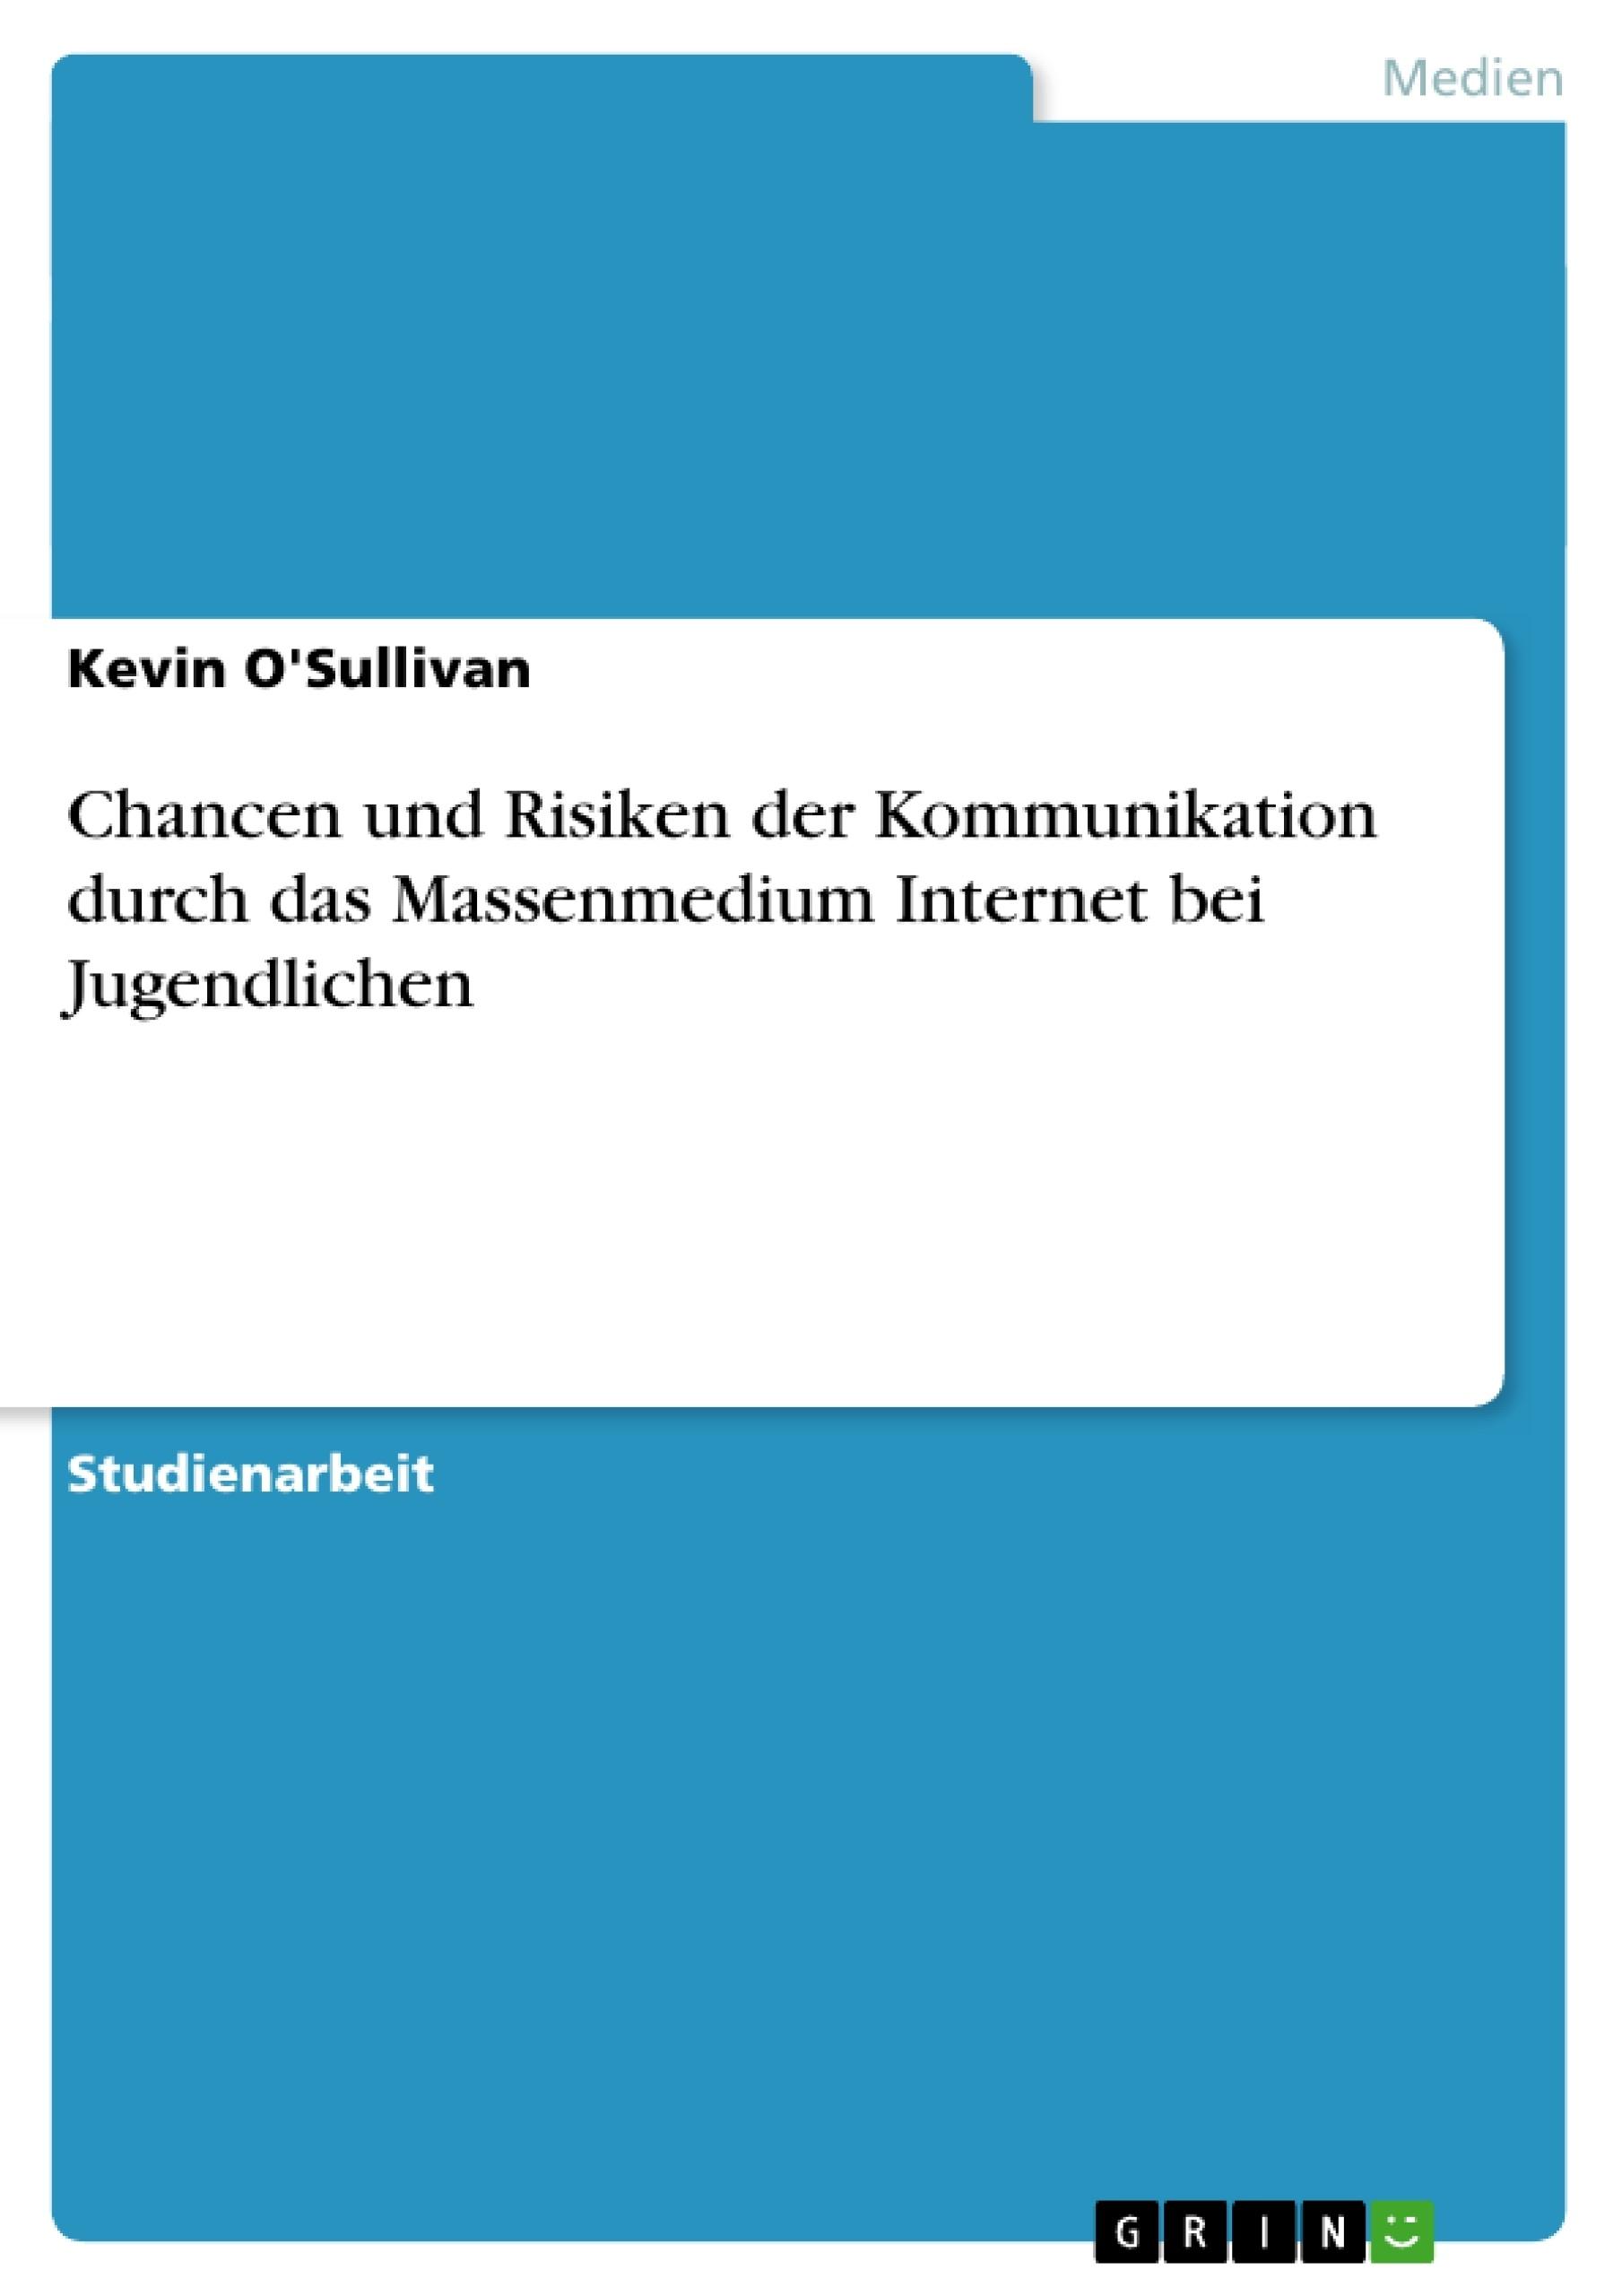 Titel: Chancen und Risiken der Kommunikation durch das Massenmedium Internet bei Jugendlichen